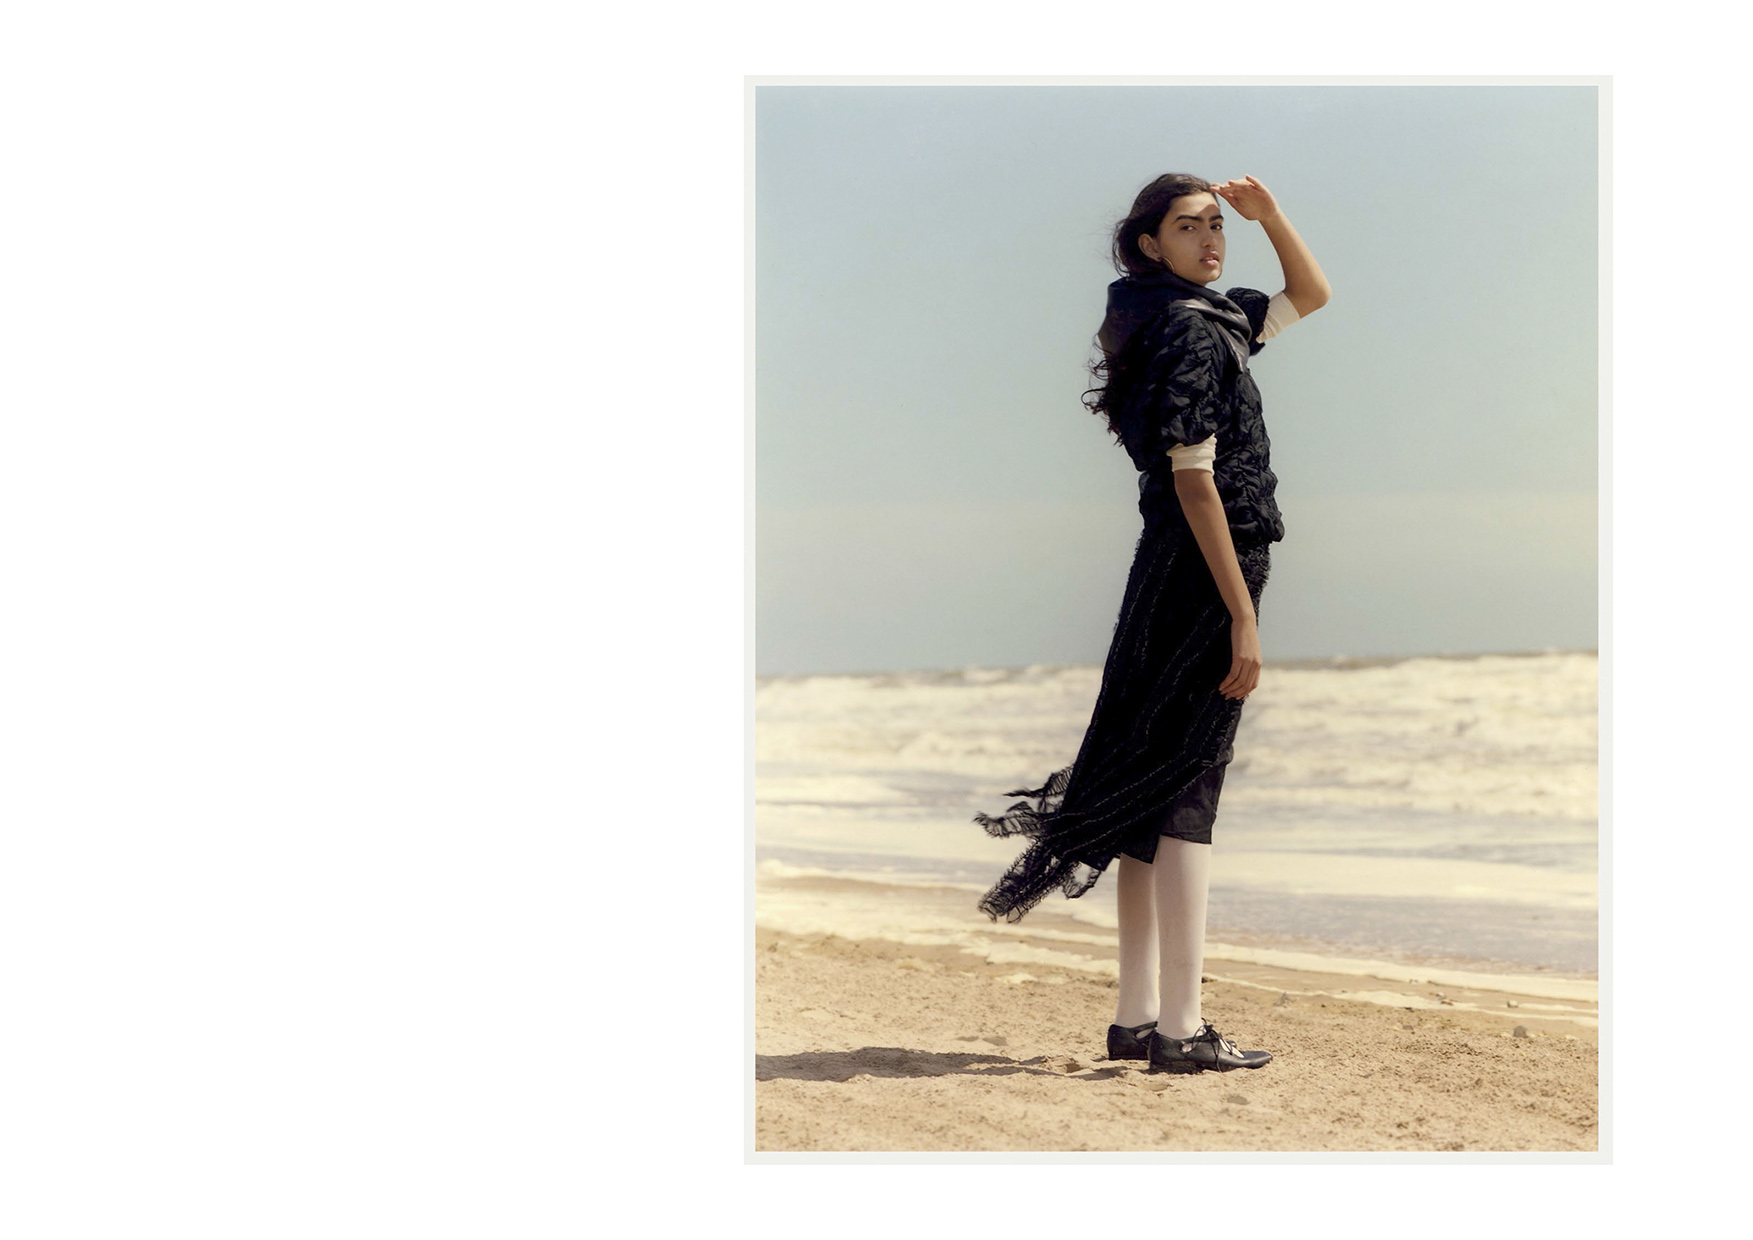 Lissome_Jack Grange_sustainable fashion_2.jpg